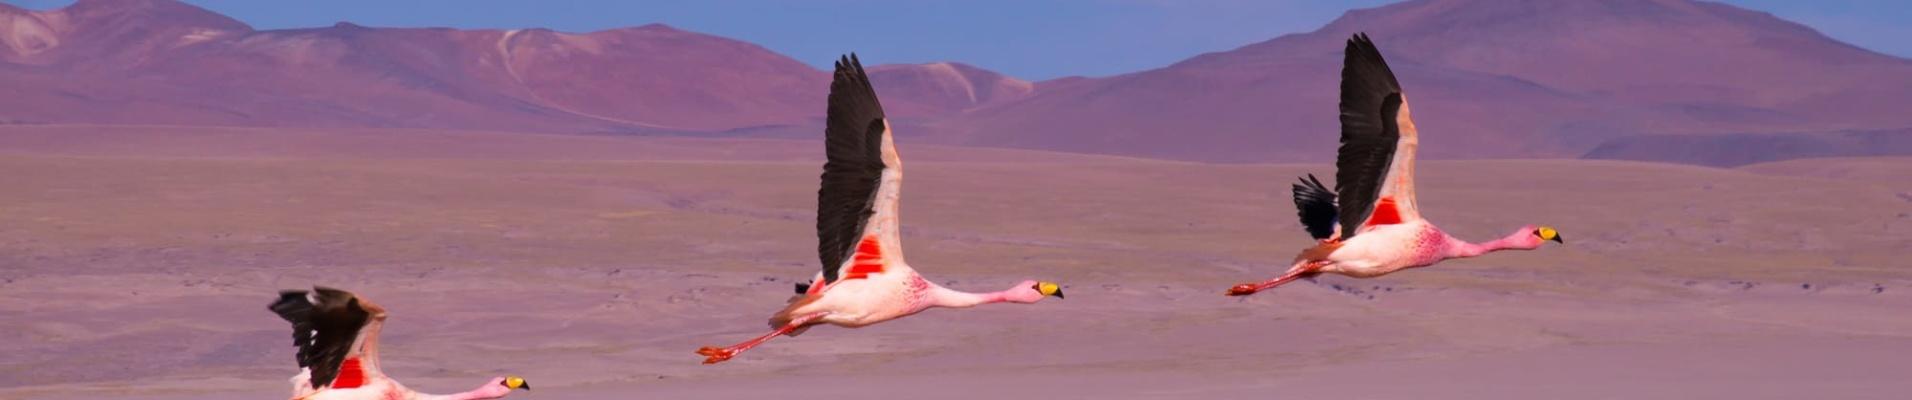 Trois flamants roses qui volent au dessus de la laguna Colorada - Bolivie